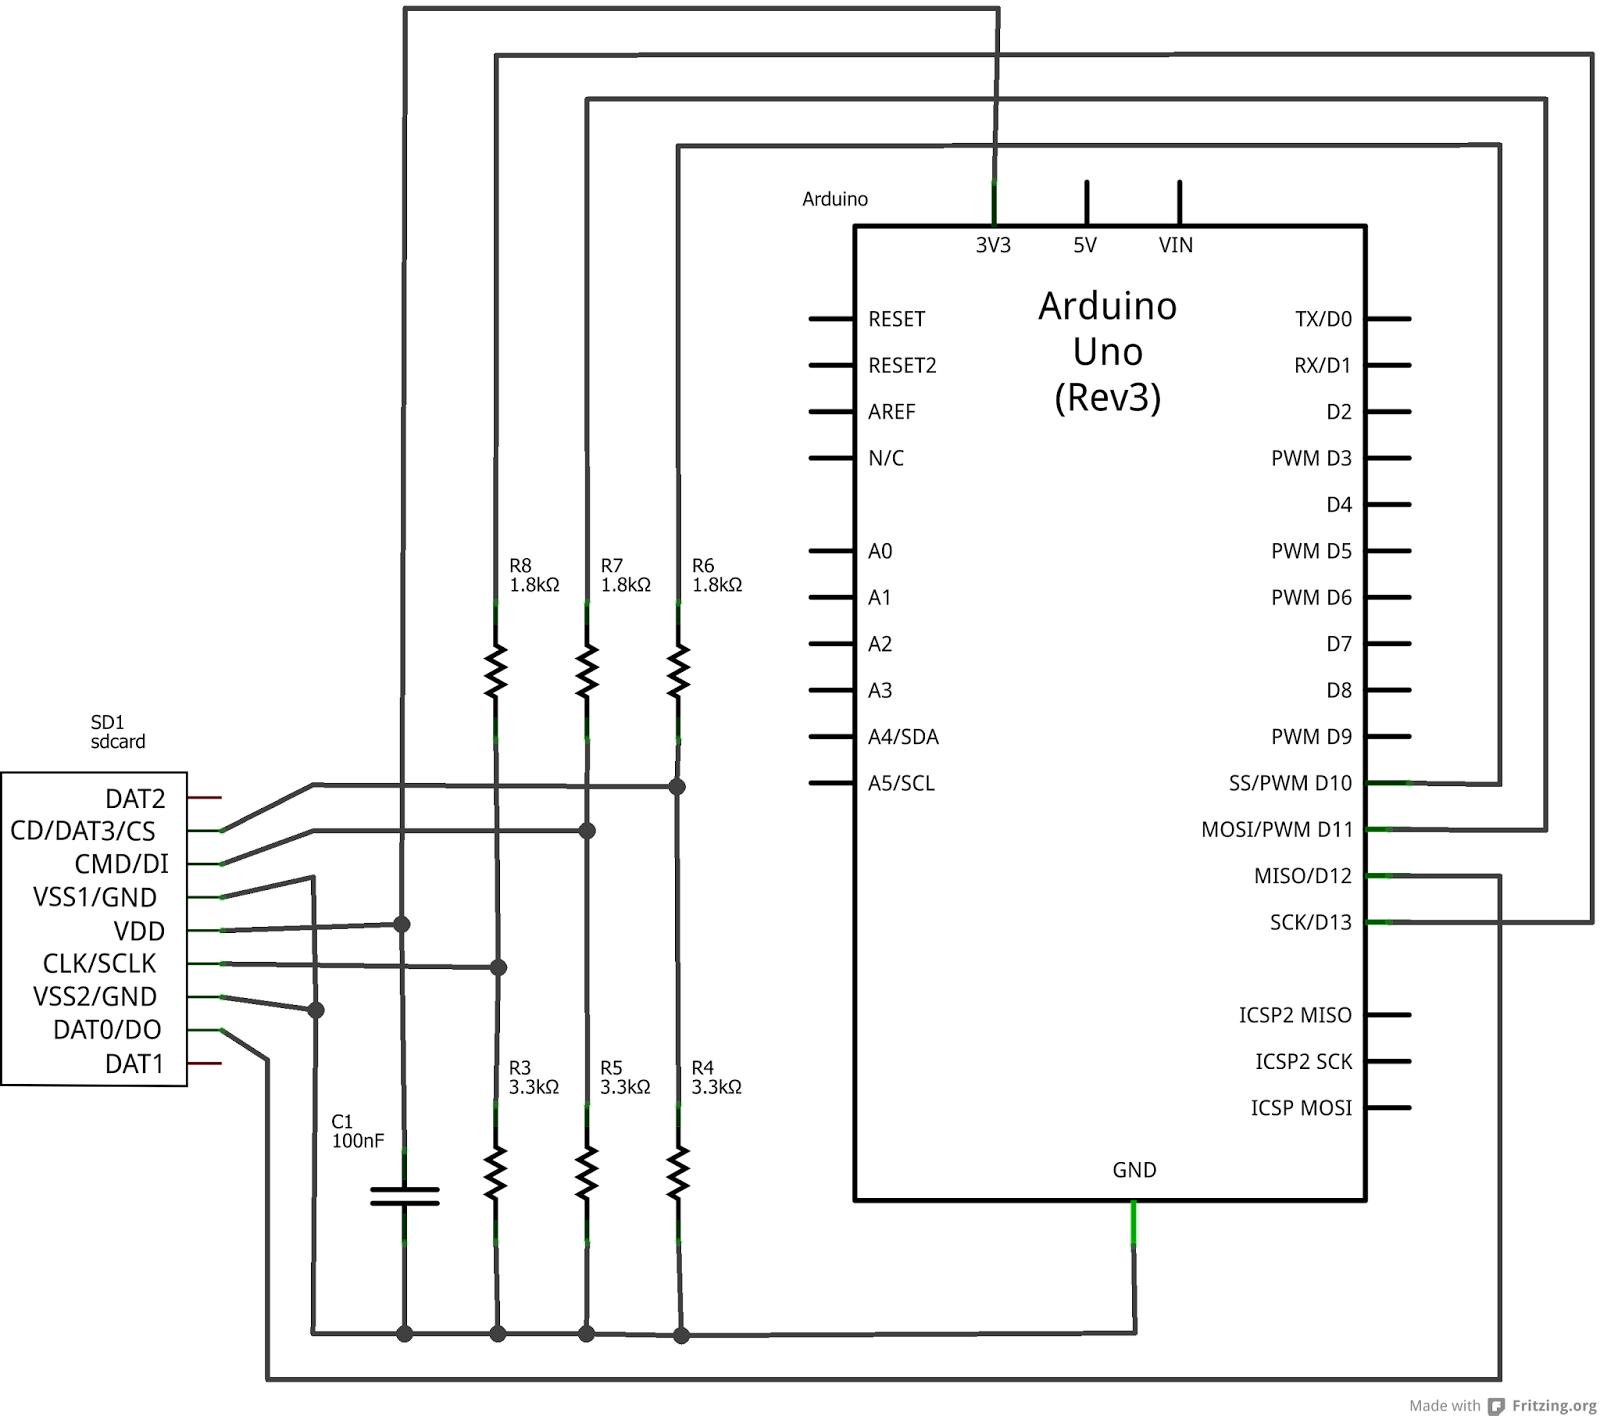 Schema Collegamento Ethernet : Daniele alberti arduino s come collegare